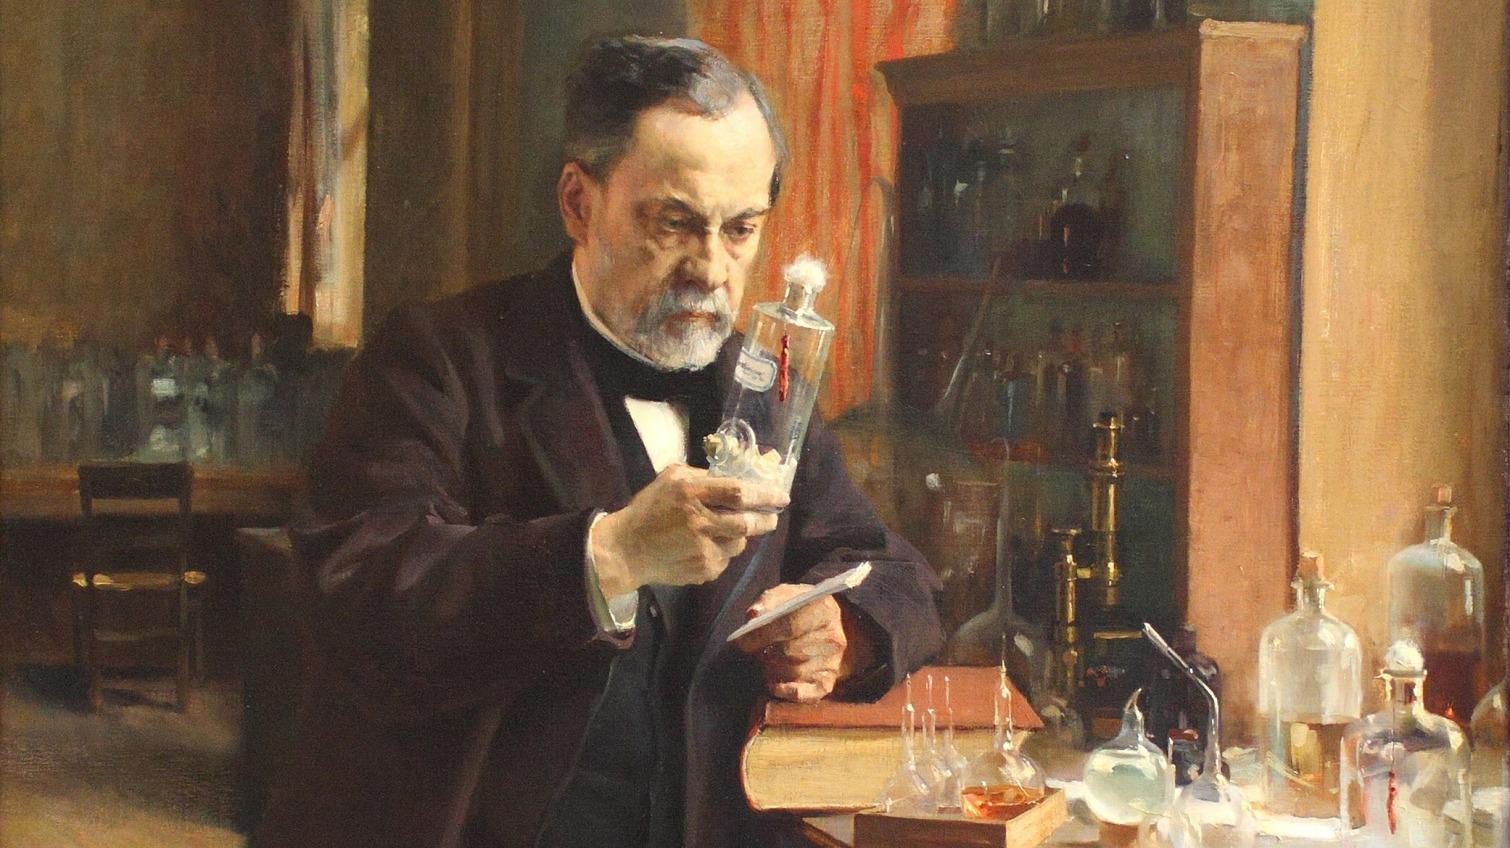 Вторая в мире: 135 лет назад в Одессе открыли бактериологическую станцию (фото) «фото»